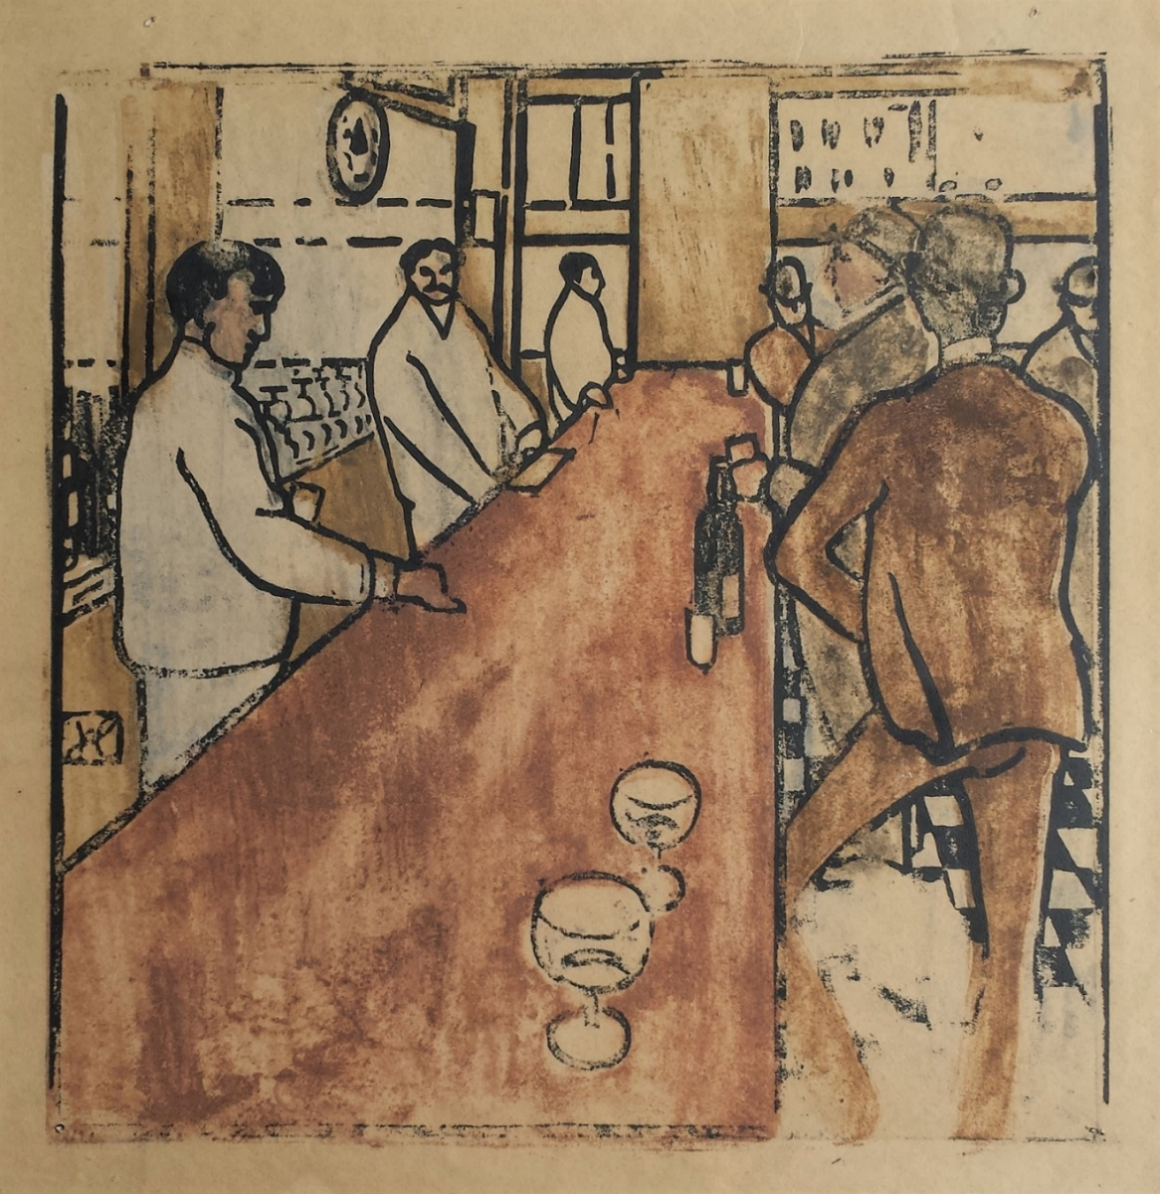 Jean-Émile LABOUREUR (1877 - 1943) : Le Bar en Pennsylvanie - 1904 - Bois gravé imprimé en couleurs